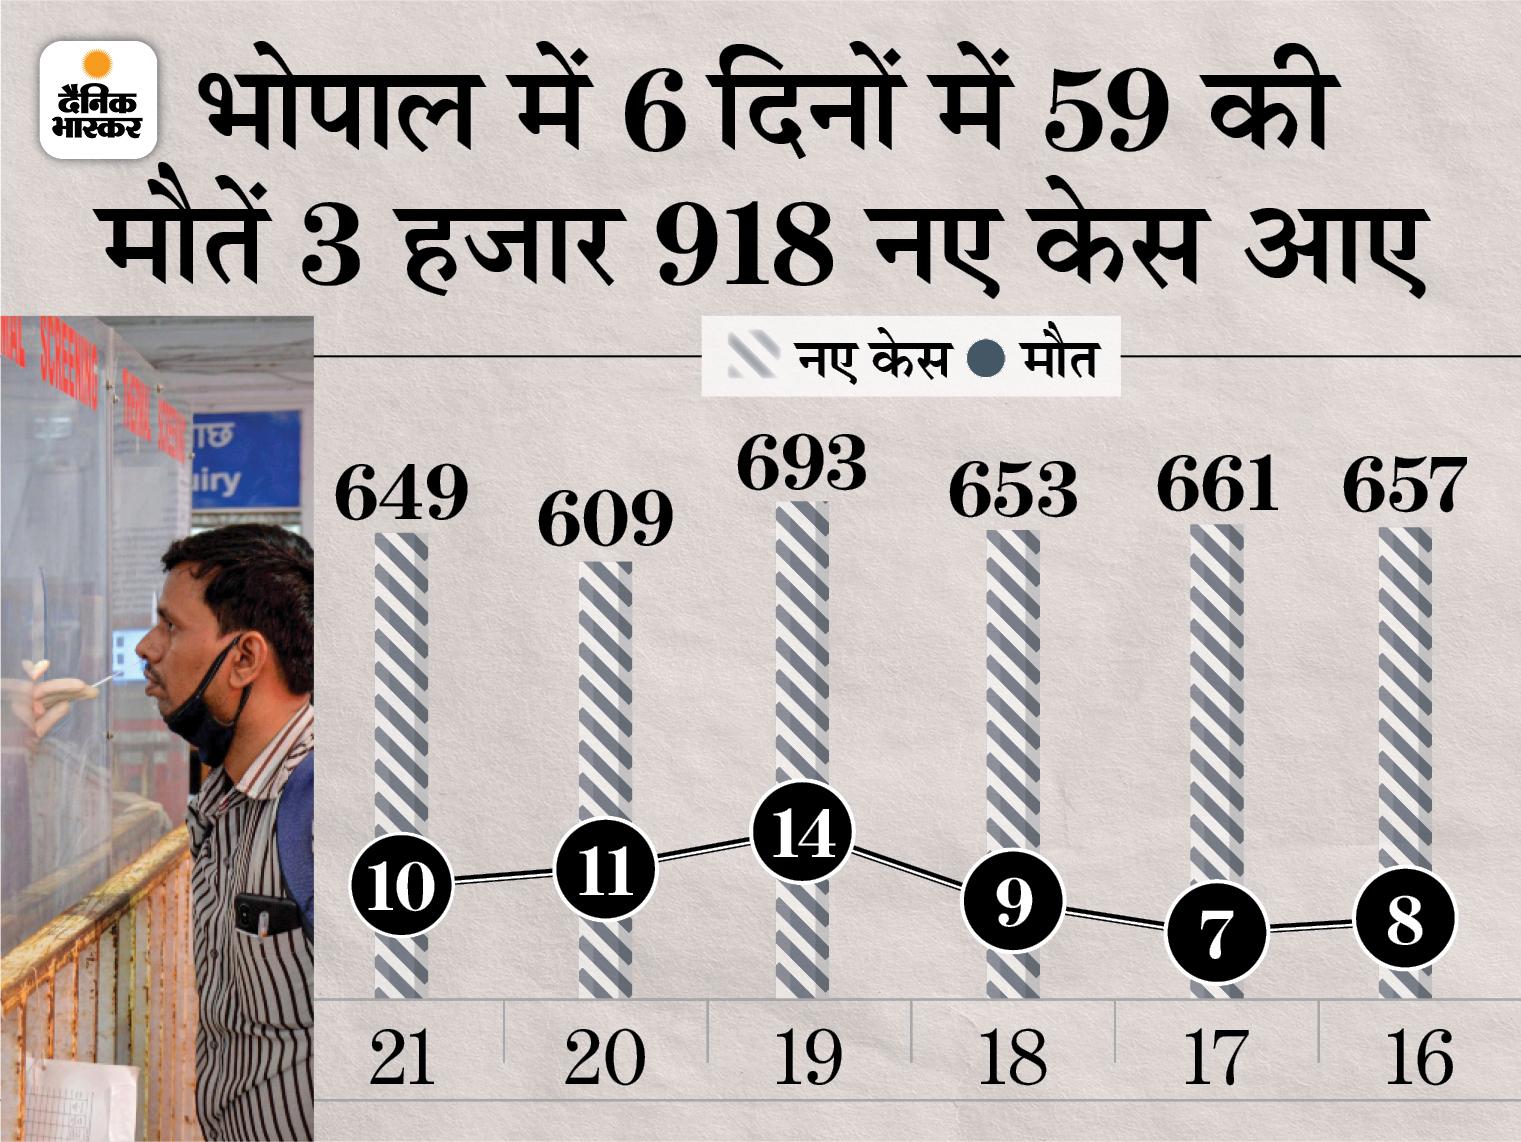 6 दिन से 700 से नीचे आ रहे नए संक्रमित, एक्टिव केस 10 हजार के नीचे; चिंता- मौत के आंकड़े नहीं हो रहे कम भोपाल,Bhopal - Dainik Bhaskar